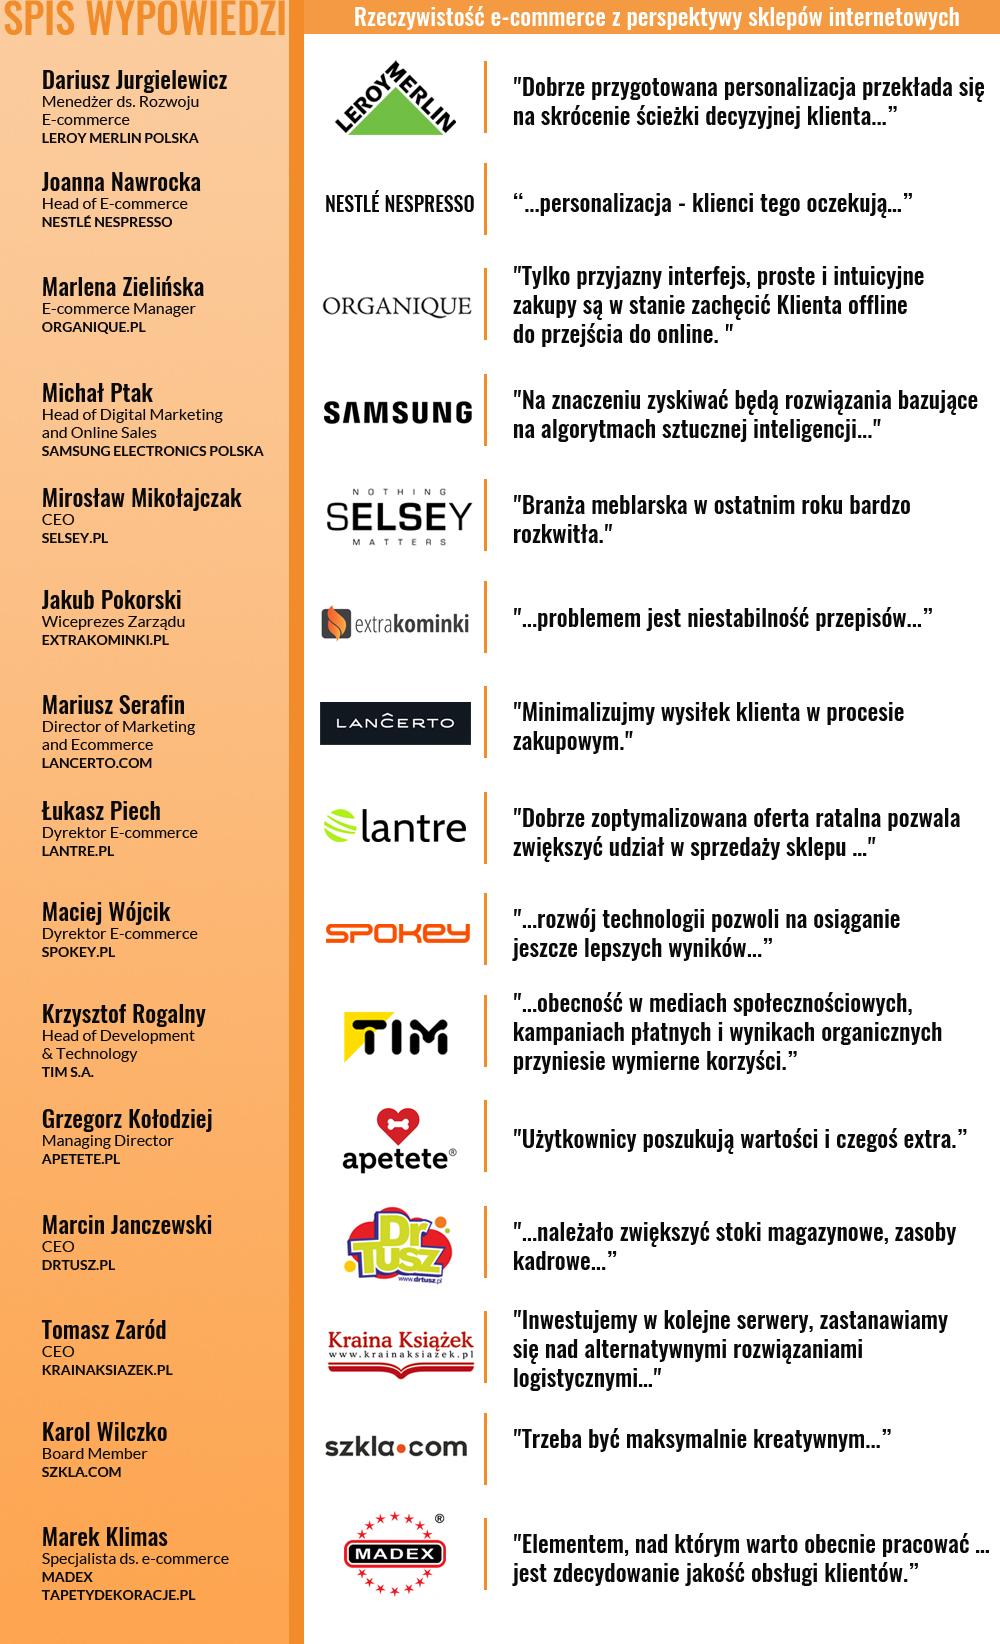 Spis wypowiedzi w publikacji Rzeczywistość e-commerce